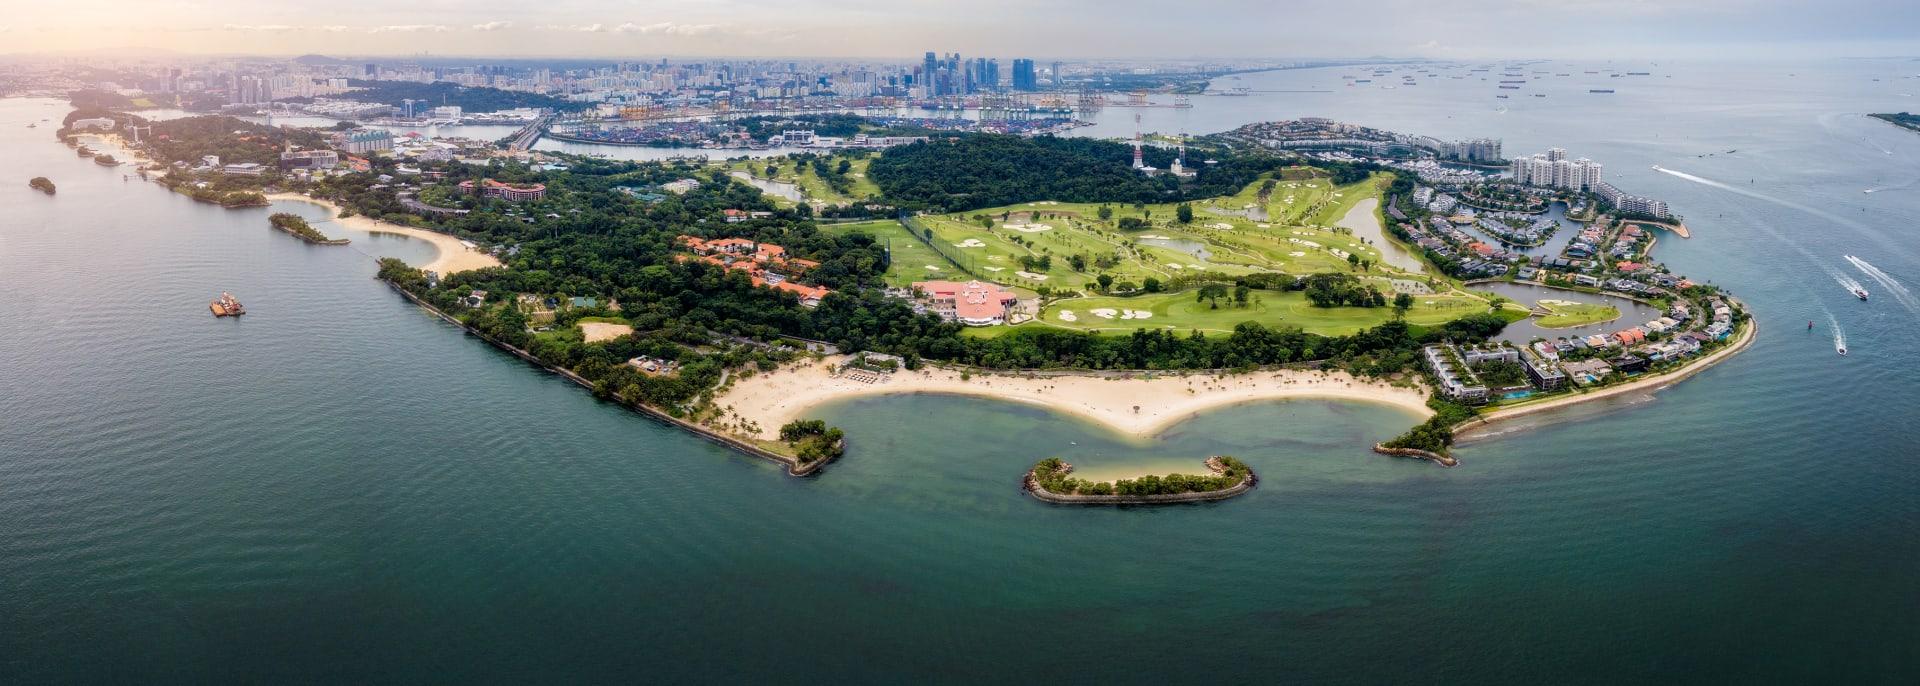 Singapur, Golfreisen, Knecht Reisen